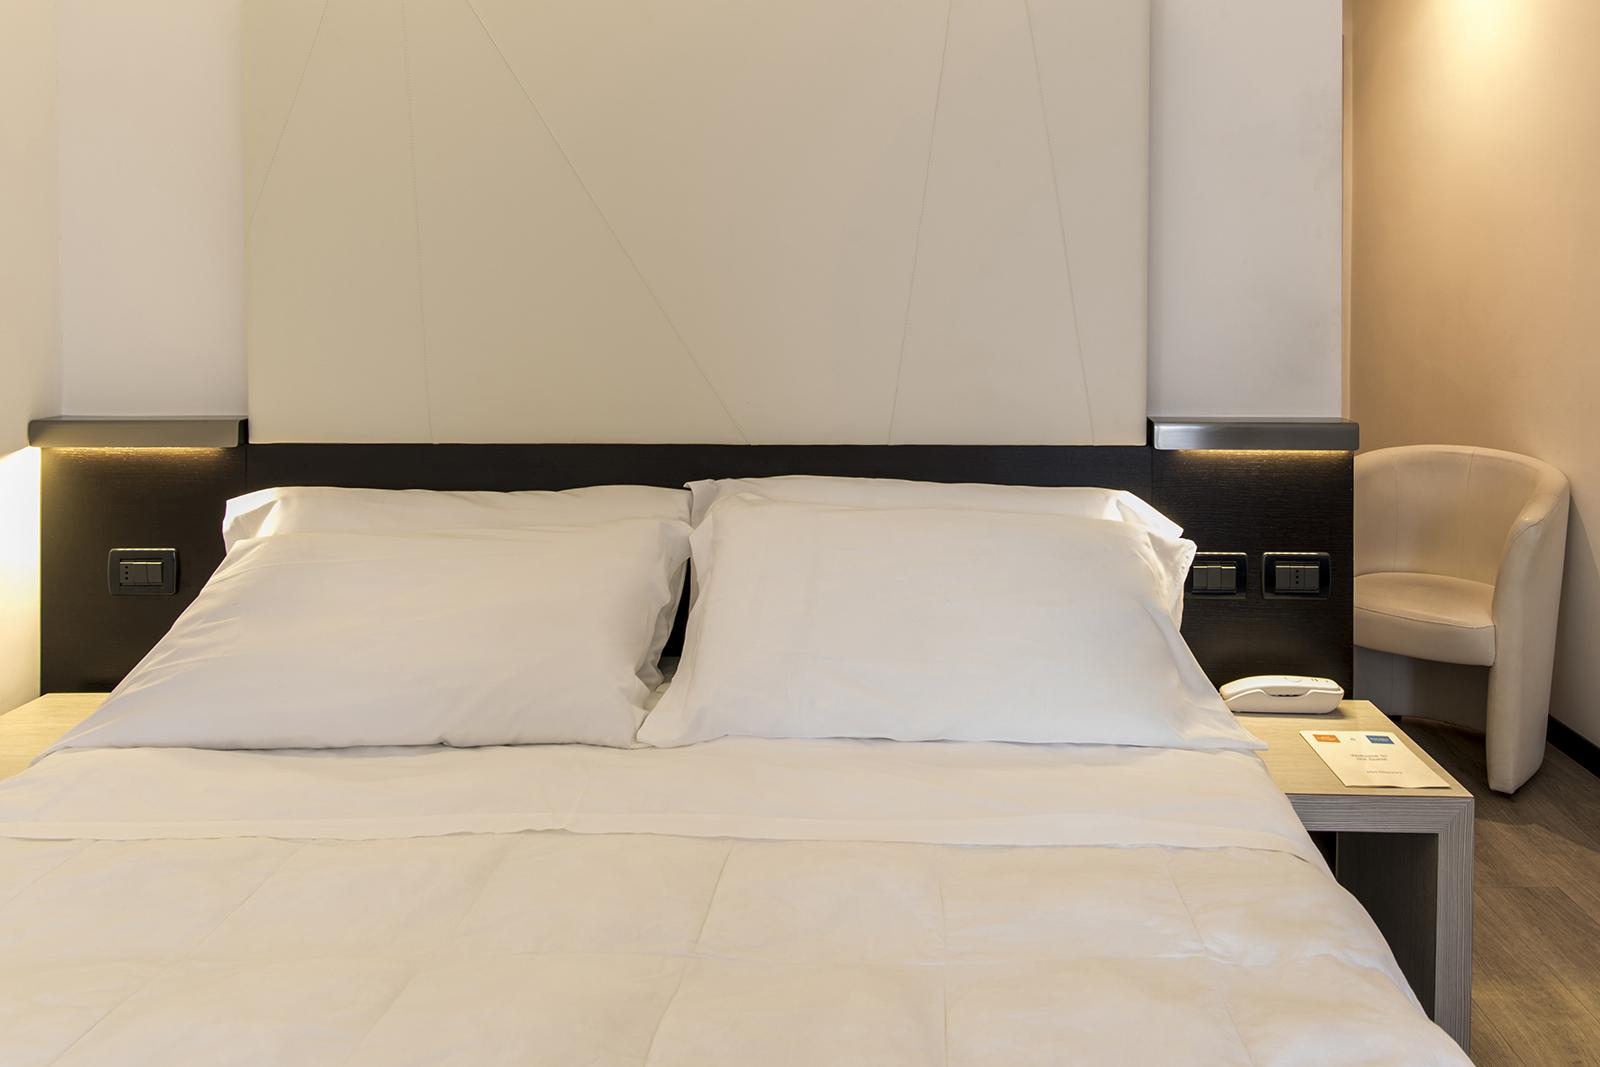 camera-hotel-ambasciatori-mestre